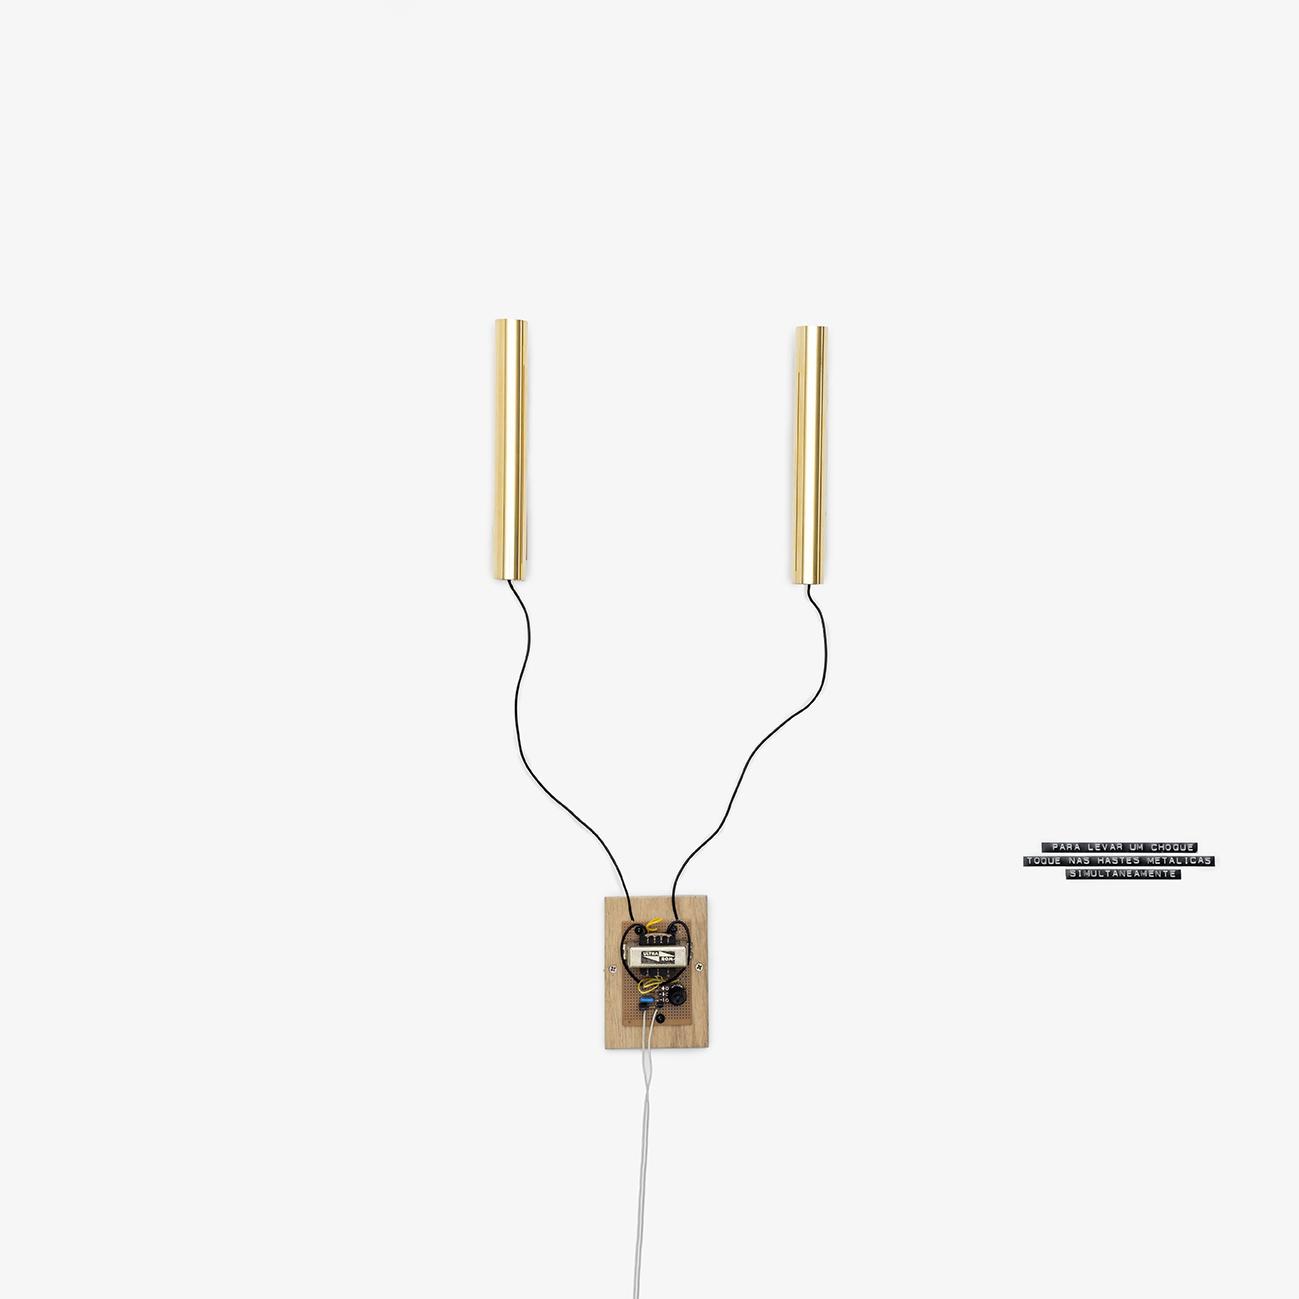 Para levar um choque, toque nas hastes metálicas simultaneamente,  2016  eletricidade, transformador, latão e ouro  150 x 29 x 6 cm